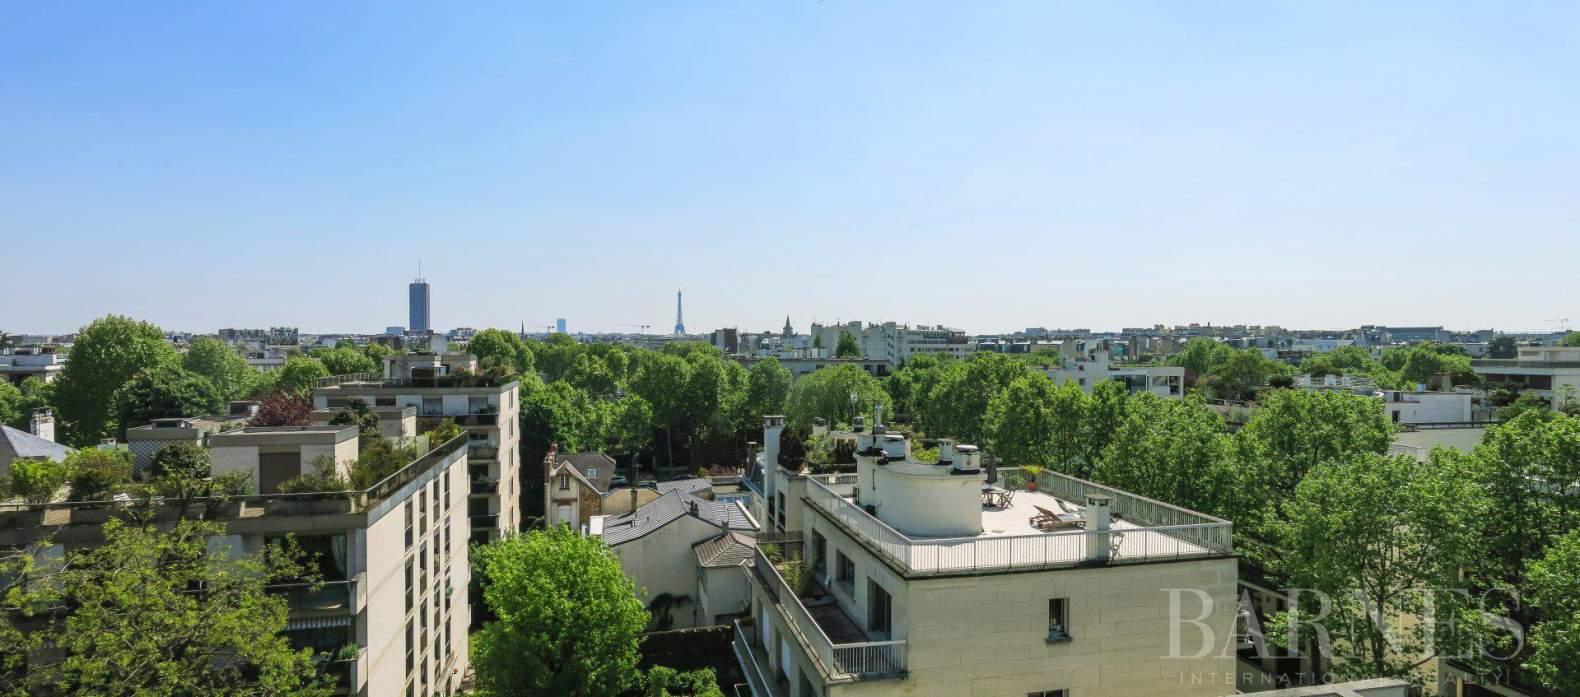 Exclusivité - Neuilly - Château - Vente en Etat Futur d'Achèvement picture 2